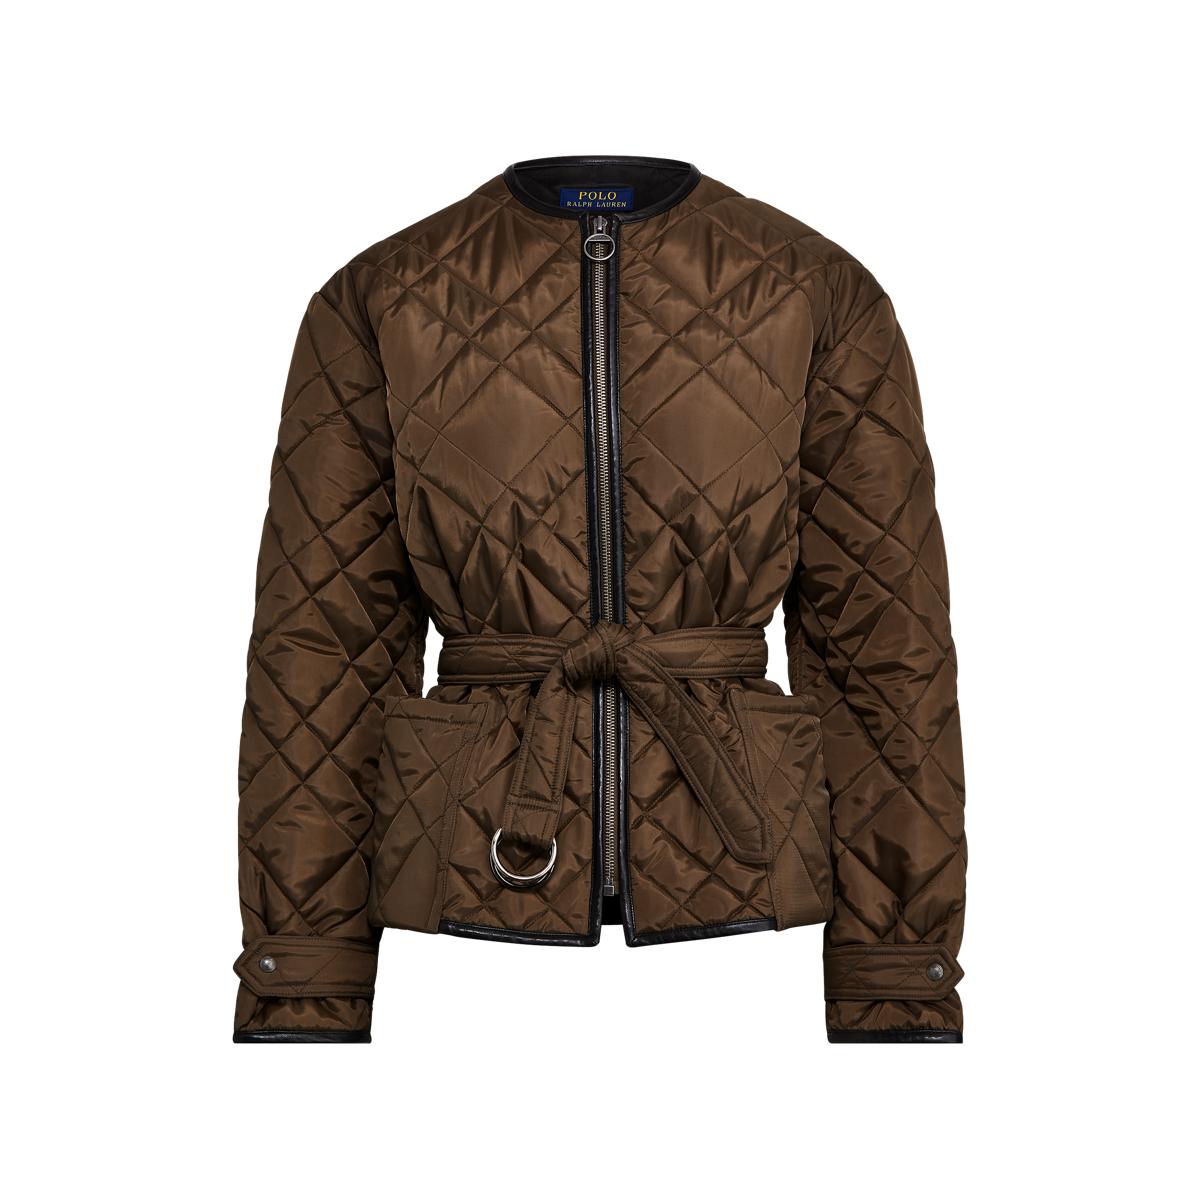 Polo Ralph Lauren Veste matelassée bordée de cuir Noir